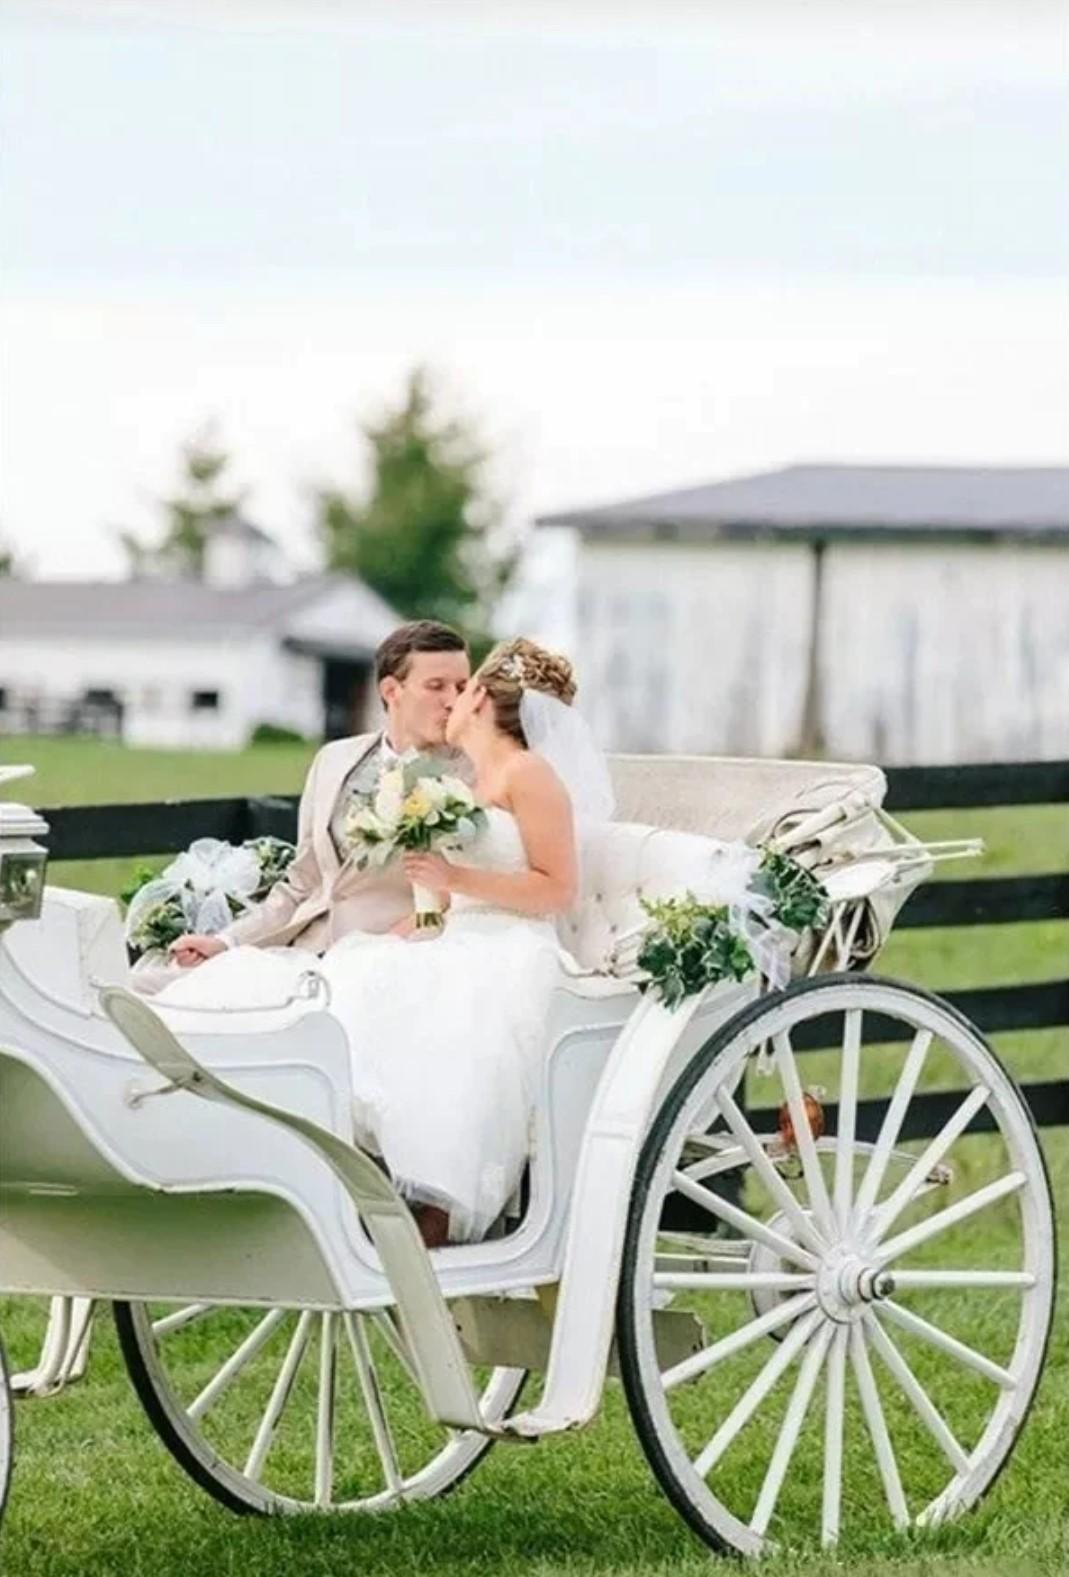 户外婚礼入场方式